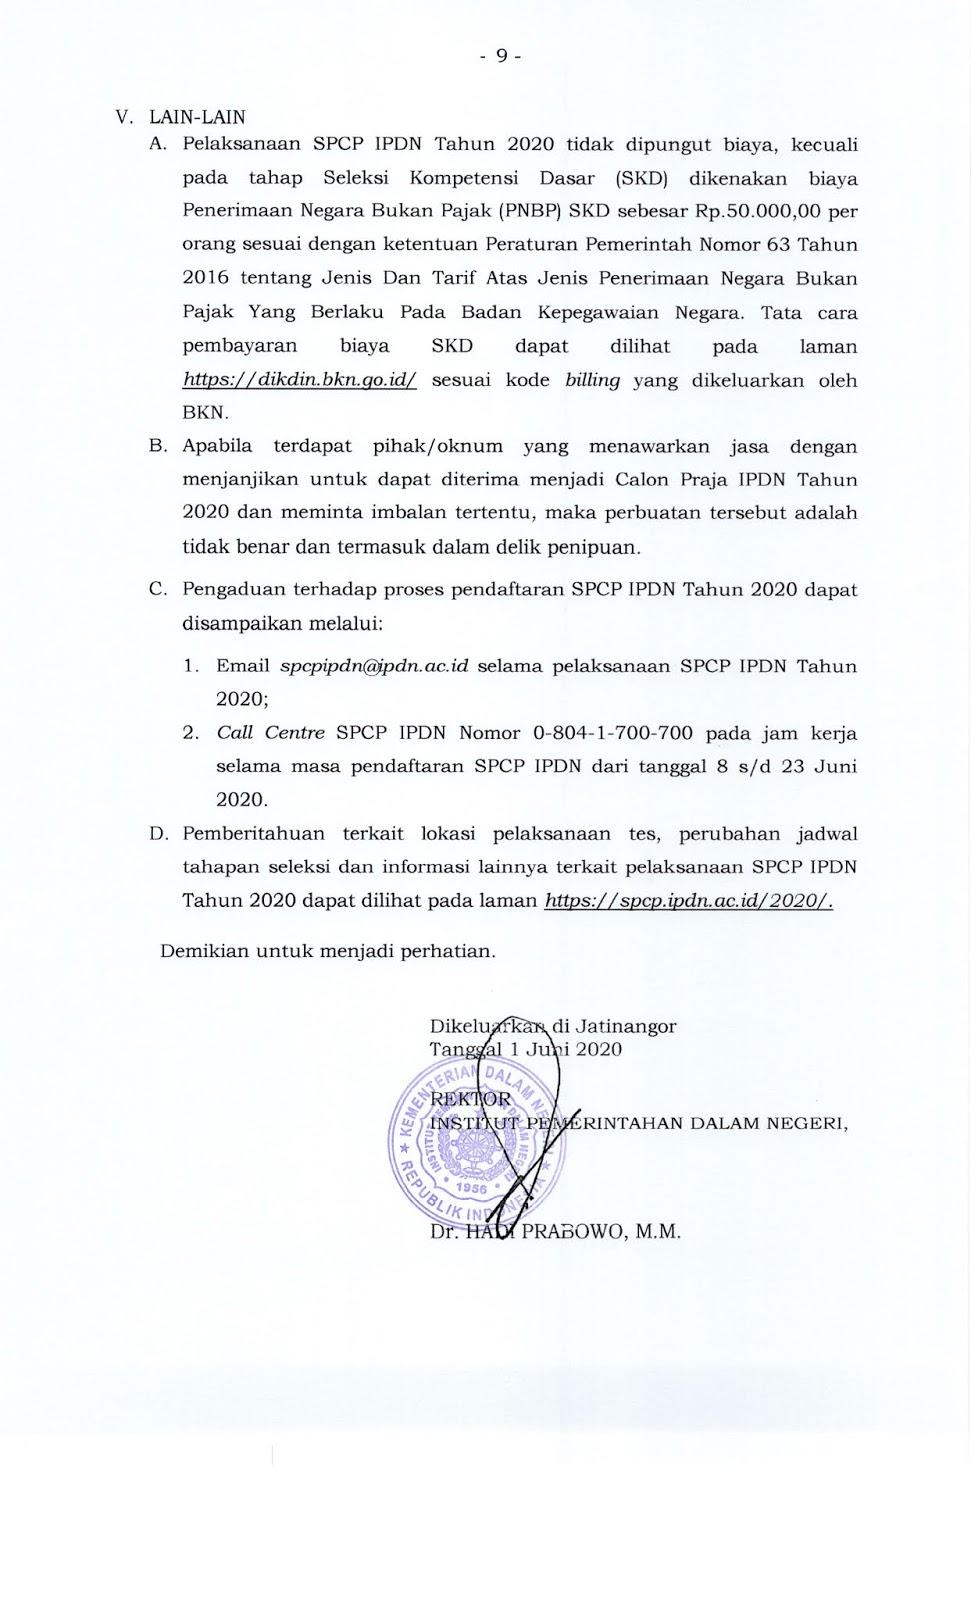 Seleksi Penerimaan Calon Praja Institut Pemerintahan Dalam Negeri (IPDN) Tahun 2020